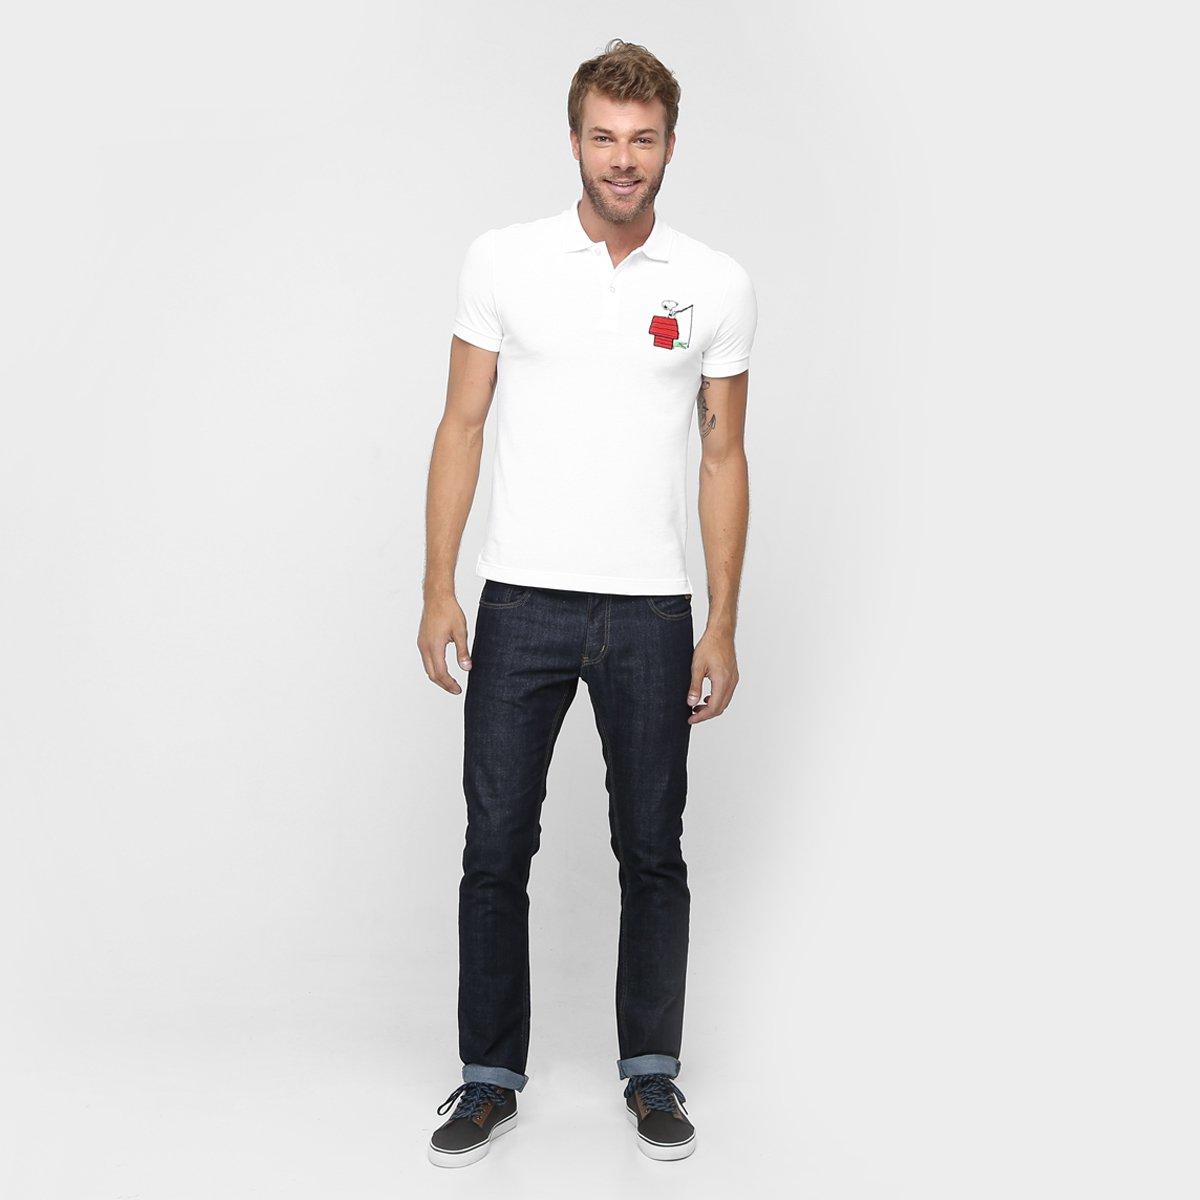 Camisa Polo Lacoste Piquet Regular Fit Snoop - Compre Agora   Netshoes d195d61d1f